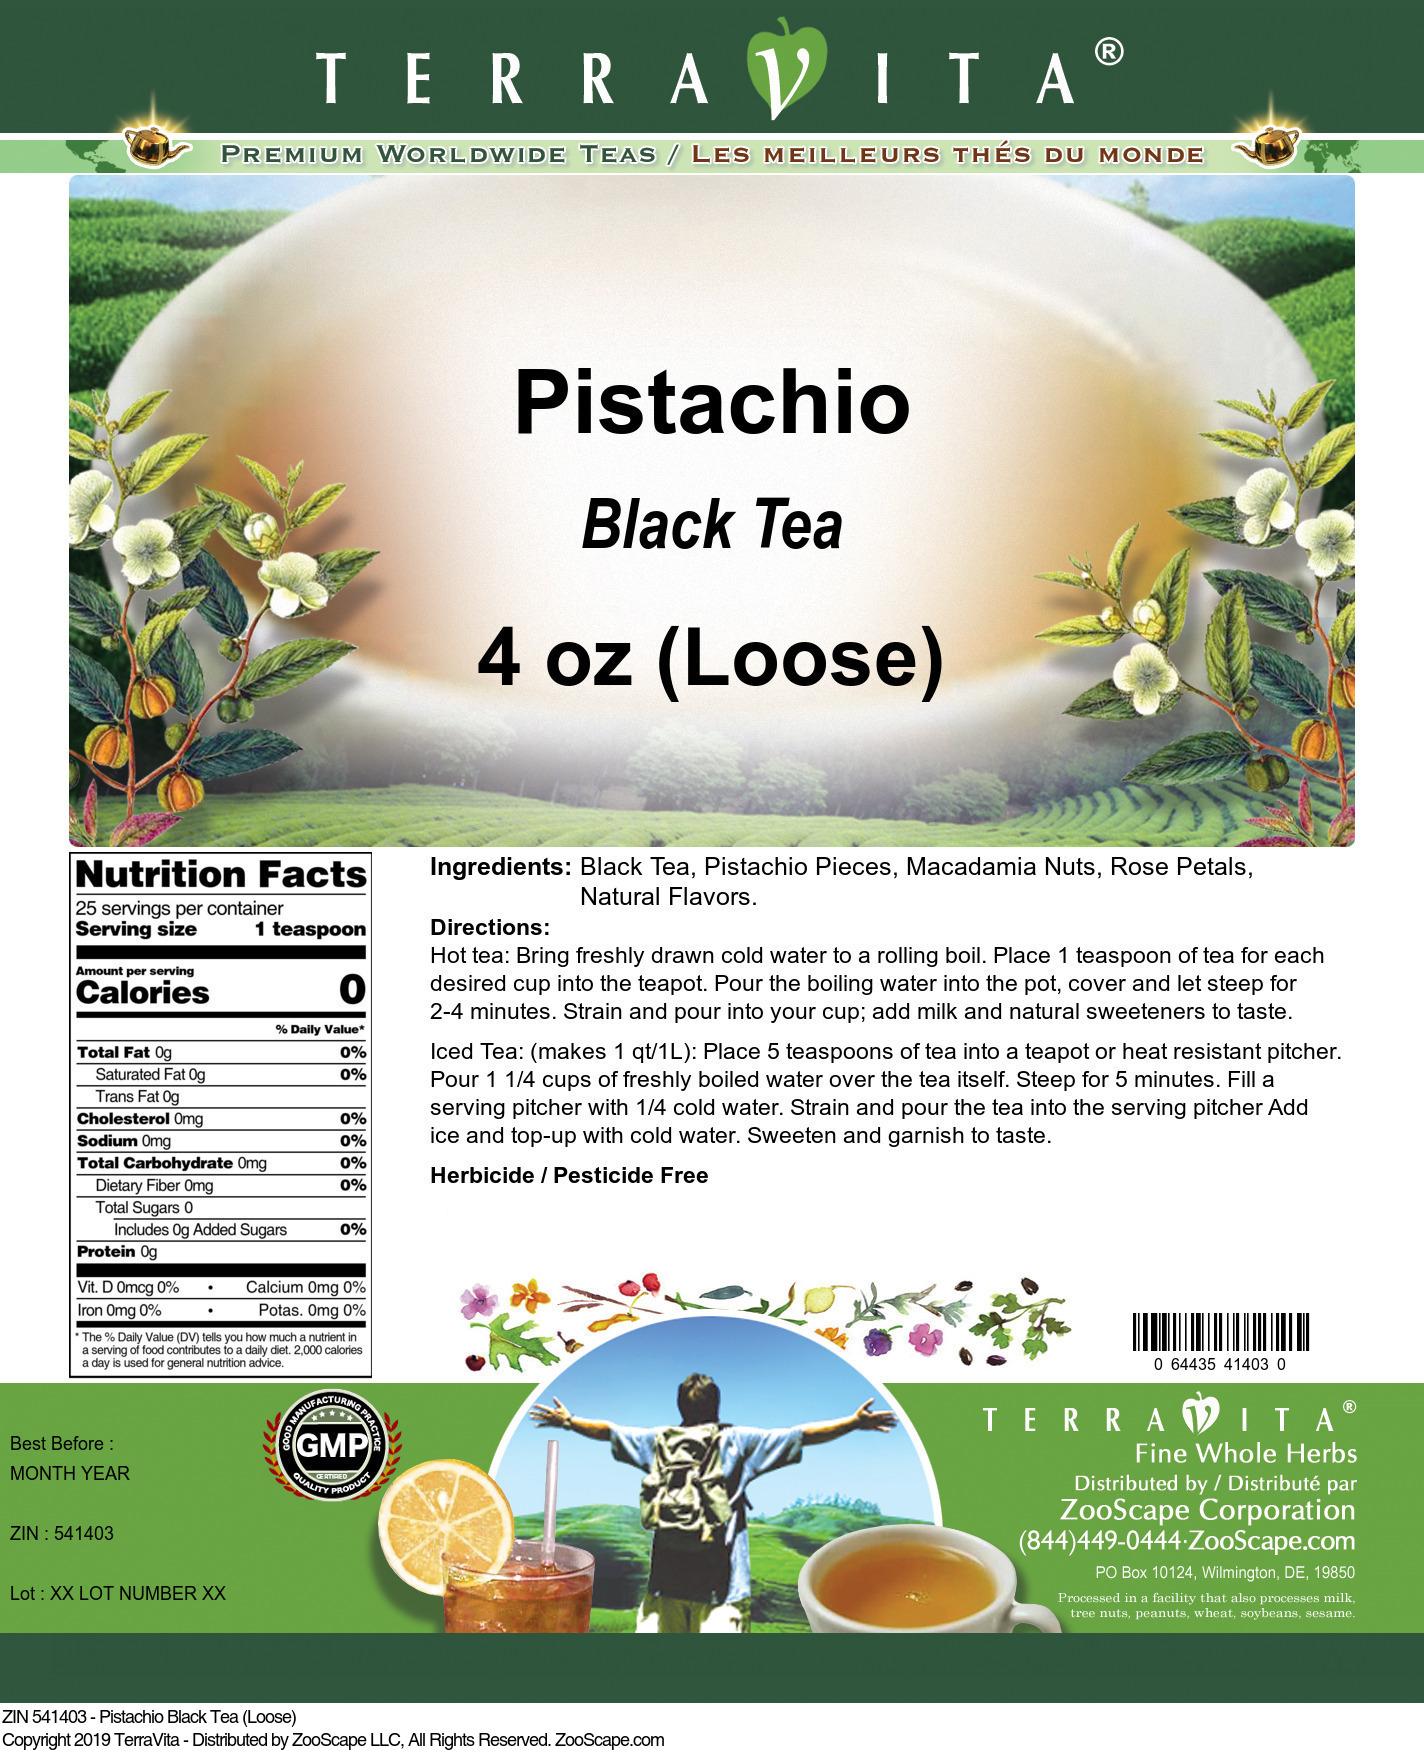 Pistachio Black Tea (Loose)